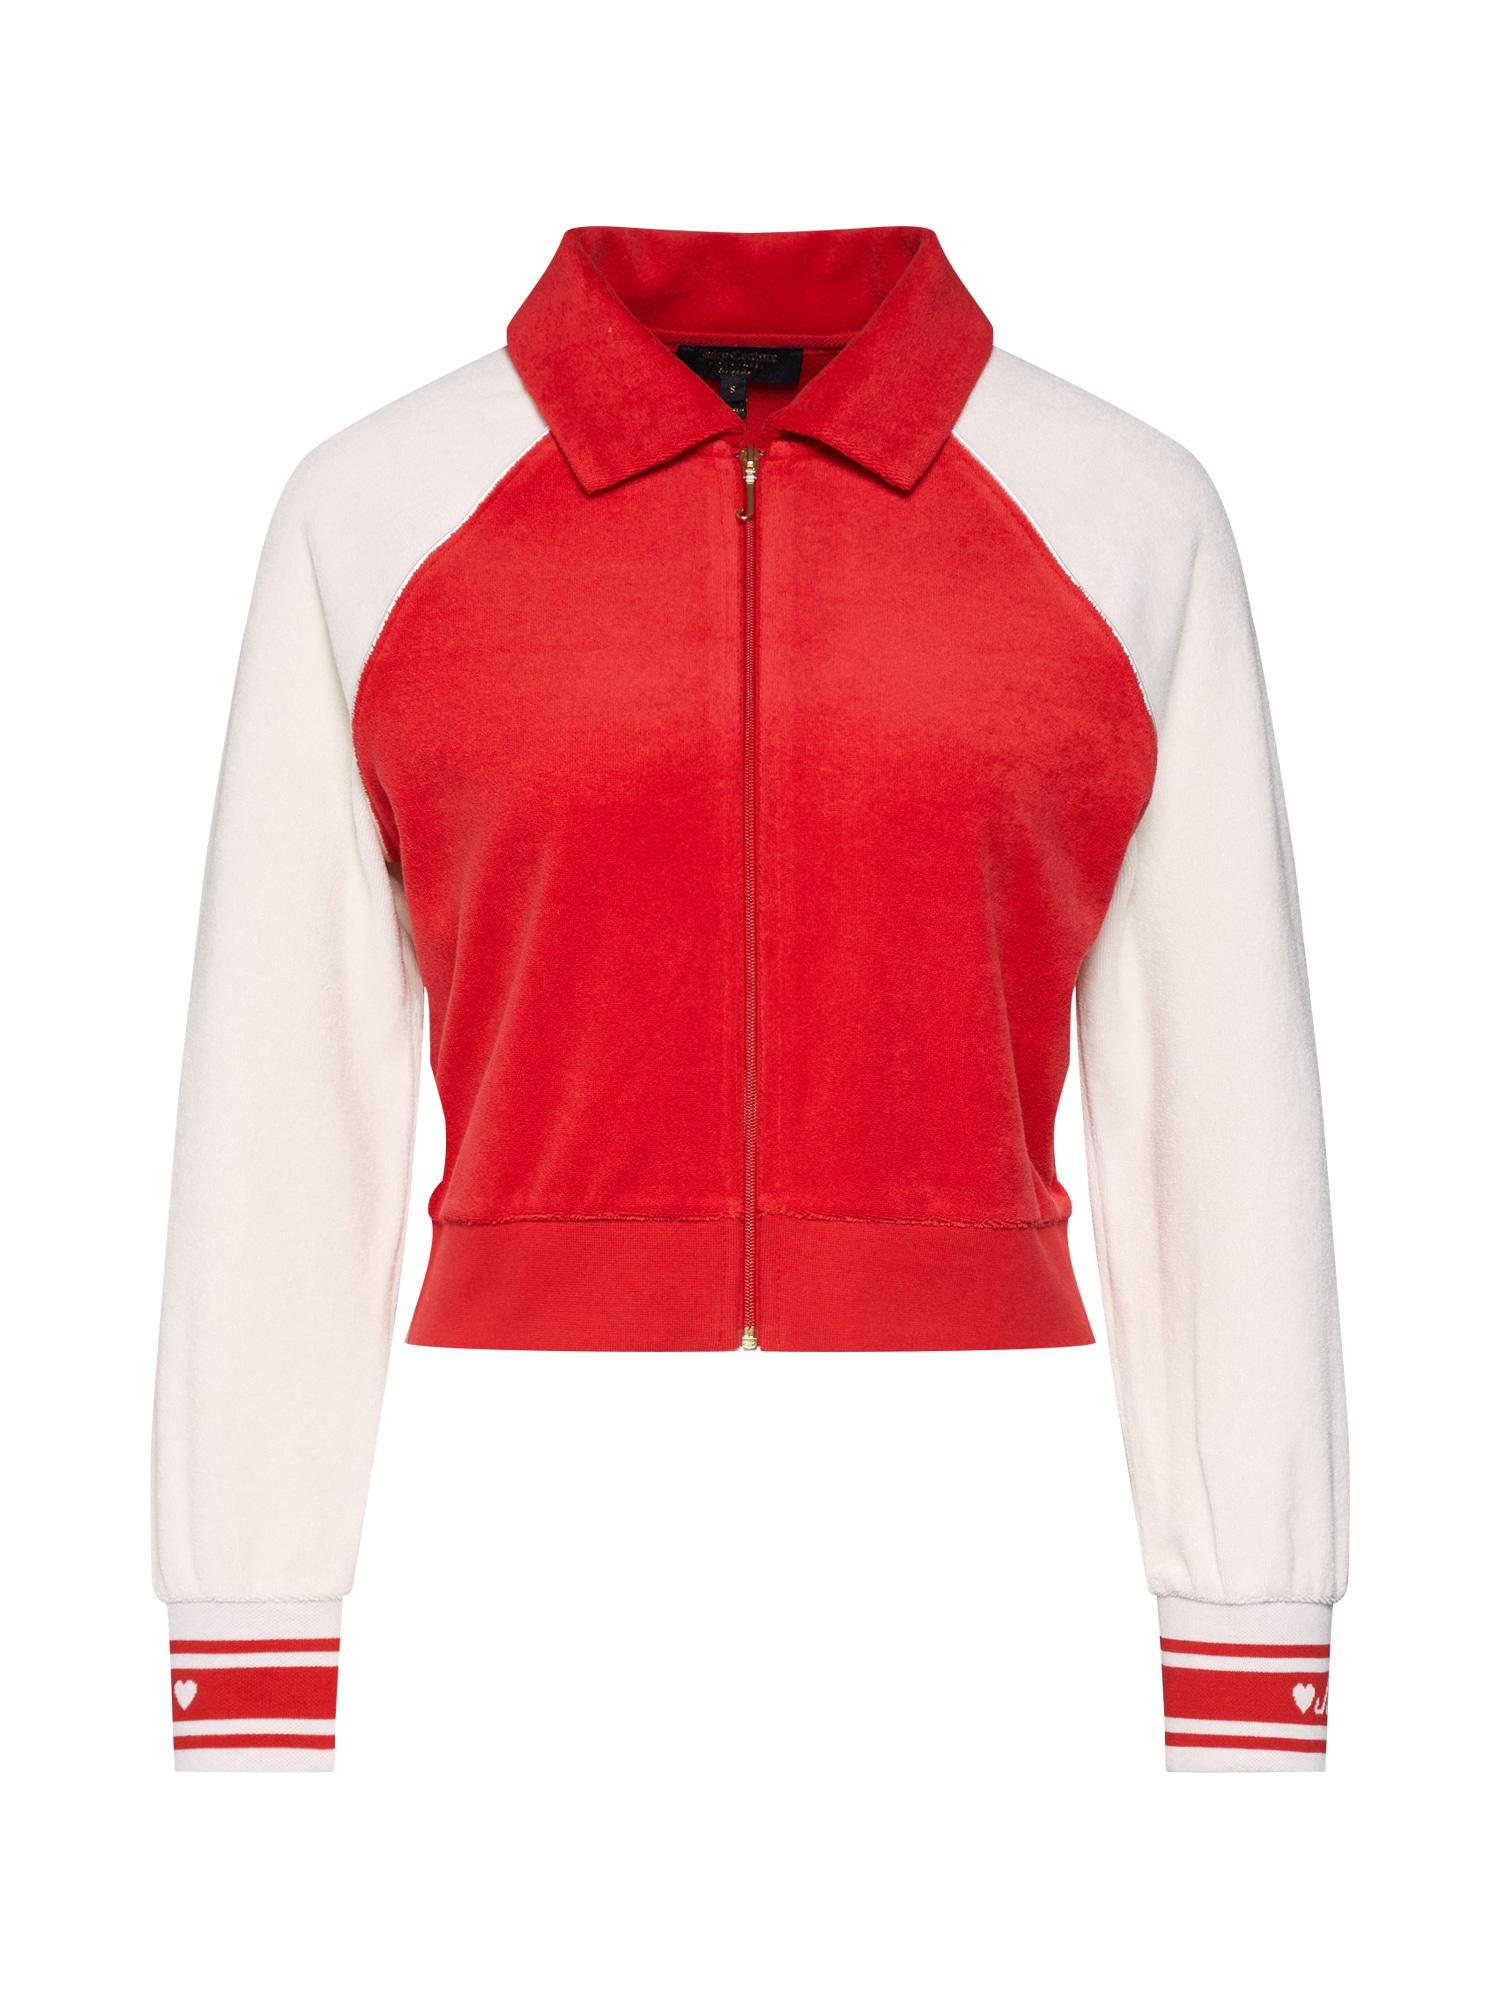 Mikina s kapucí JUICY COLORBLOCK MICREO TERRY JACKET červená Juicy Couture Black Label